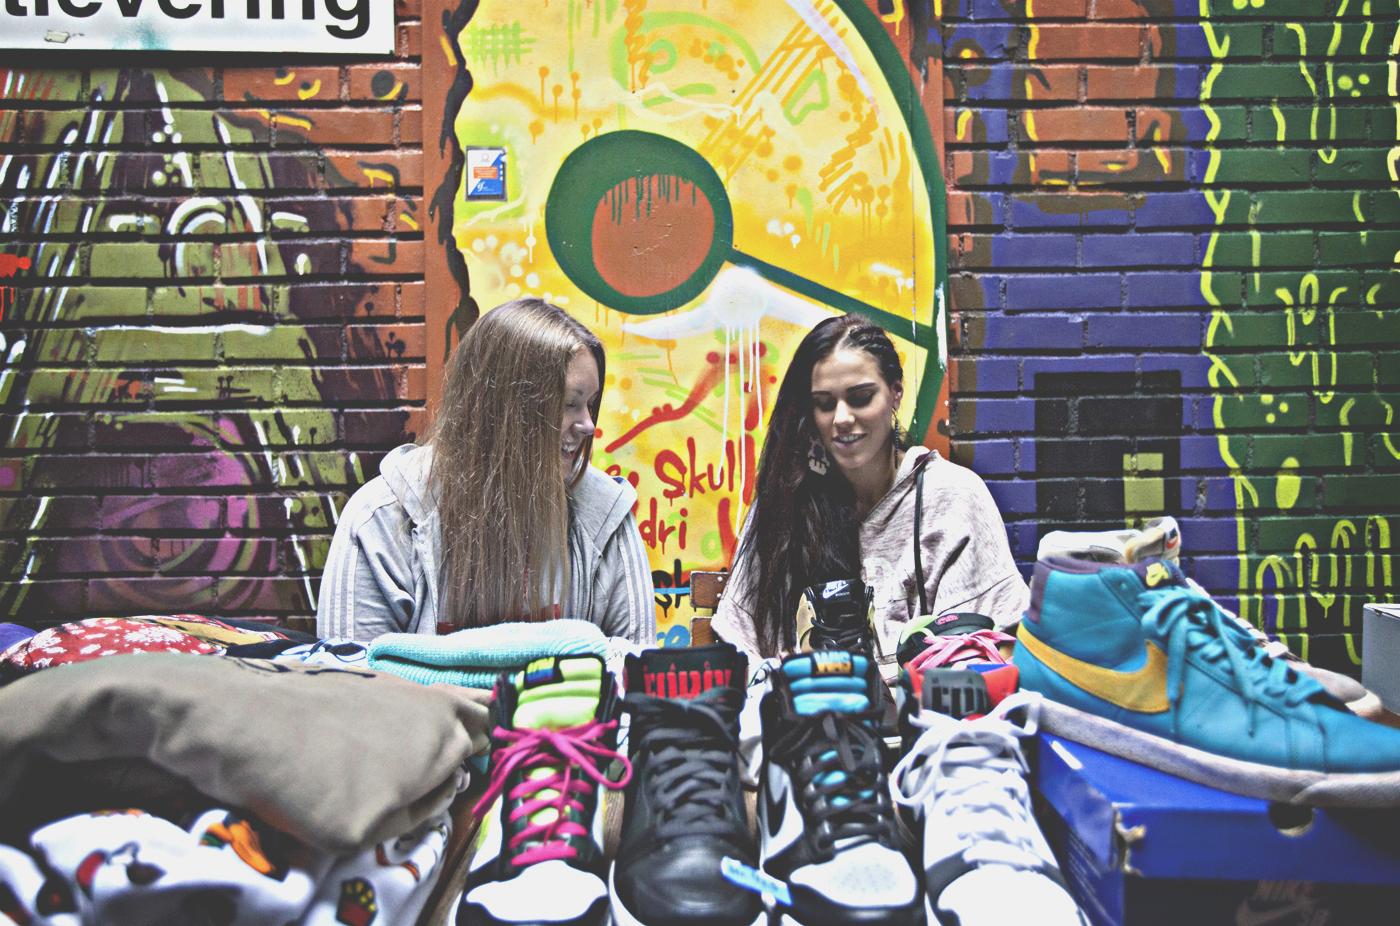 Oslo SneakerFest 6.9-14_41.jpg